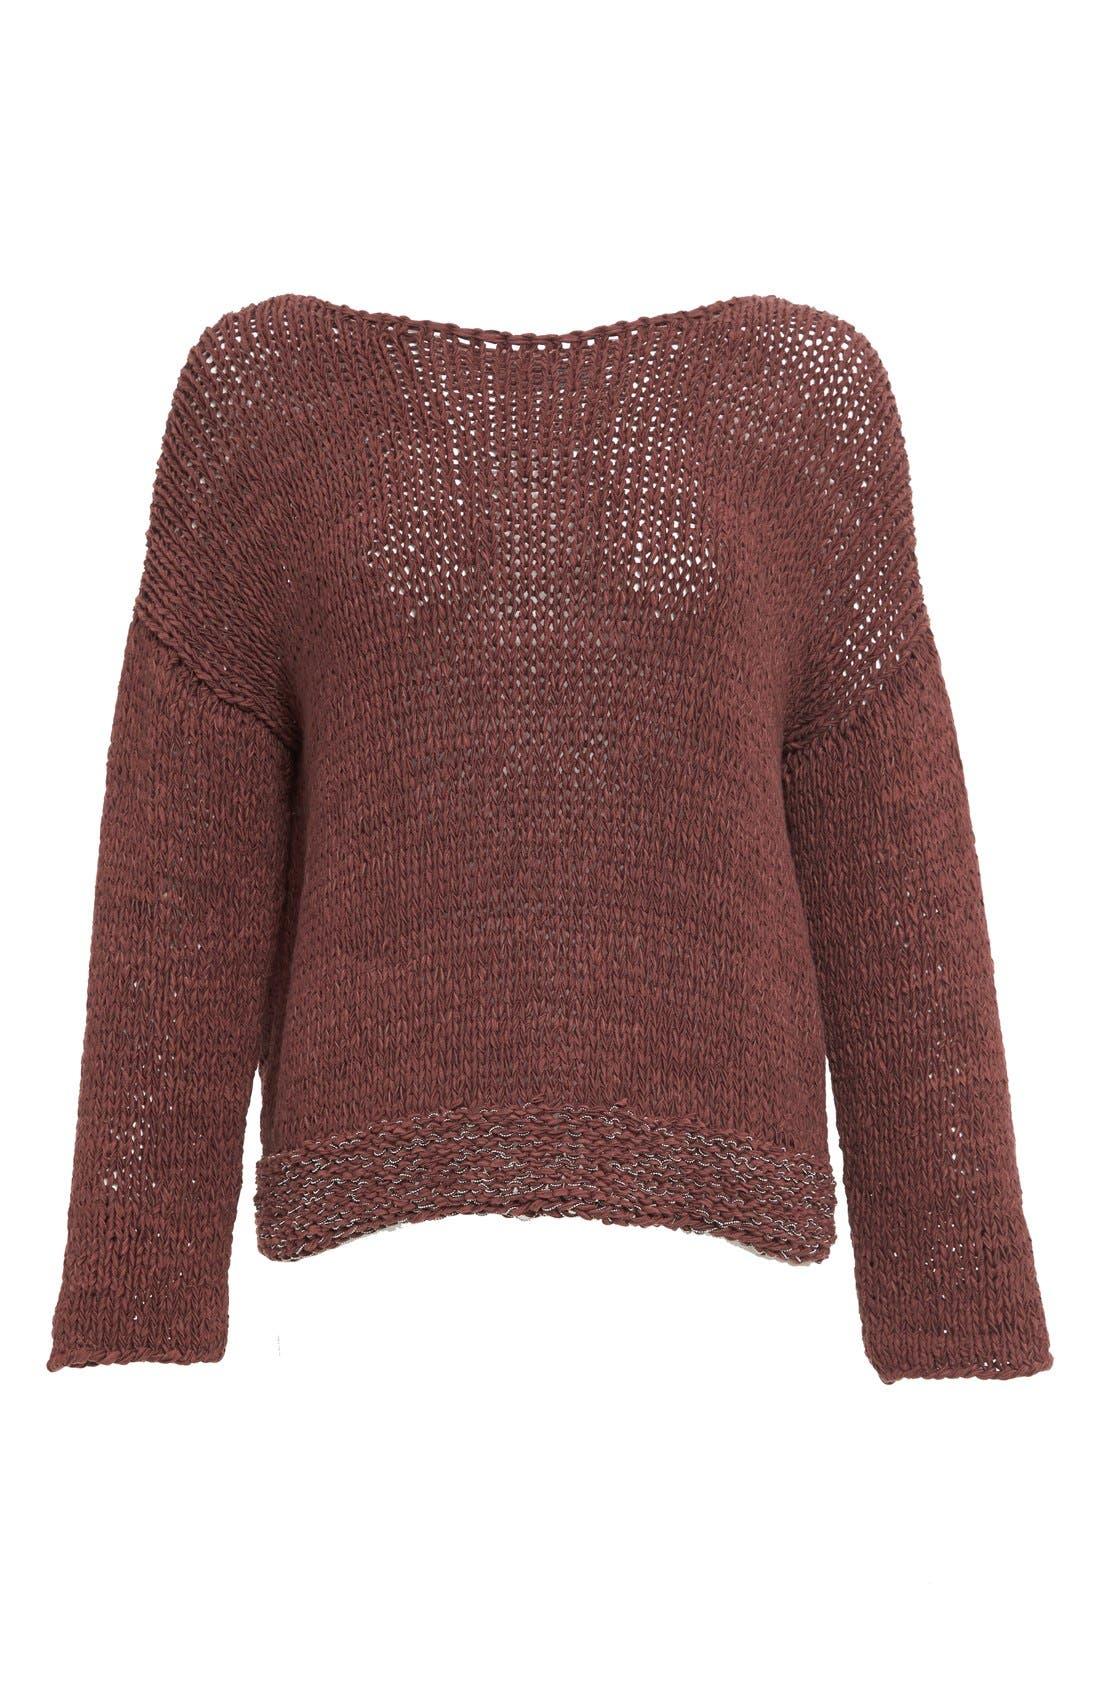 Mollini Trim Cotton Blend Sweater,                             Alternate thumbnail 4, color,                             601